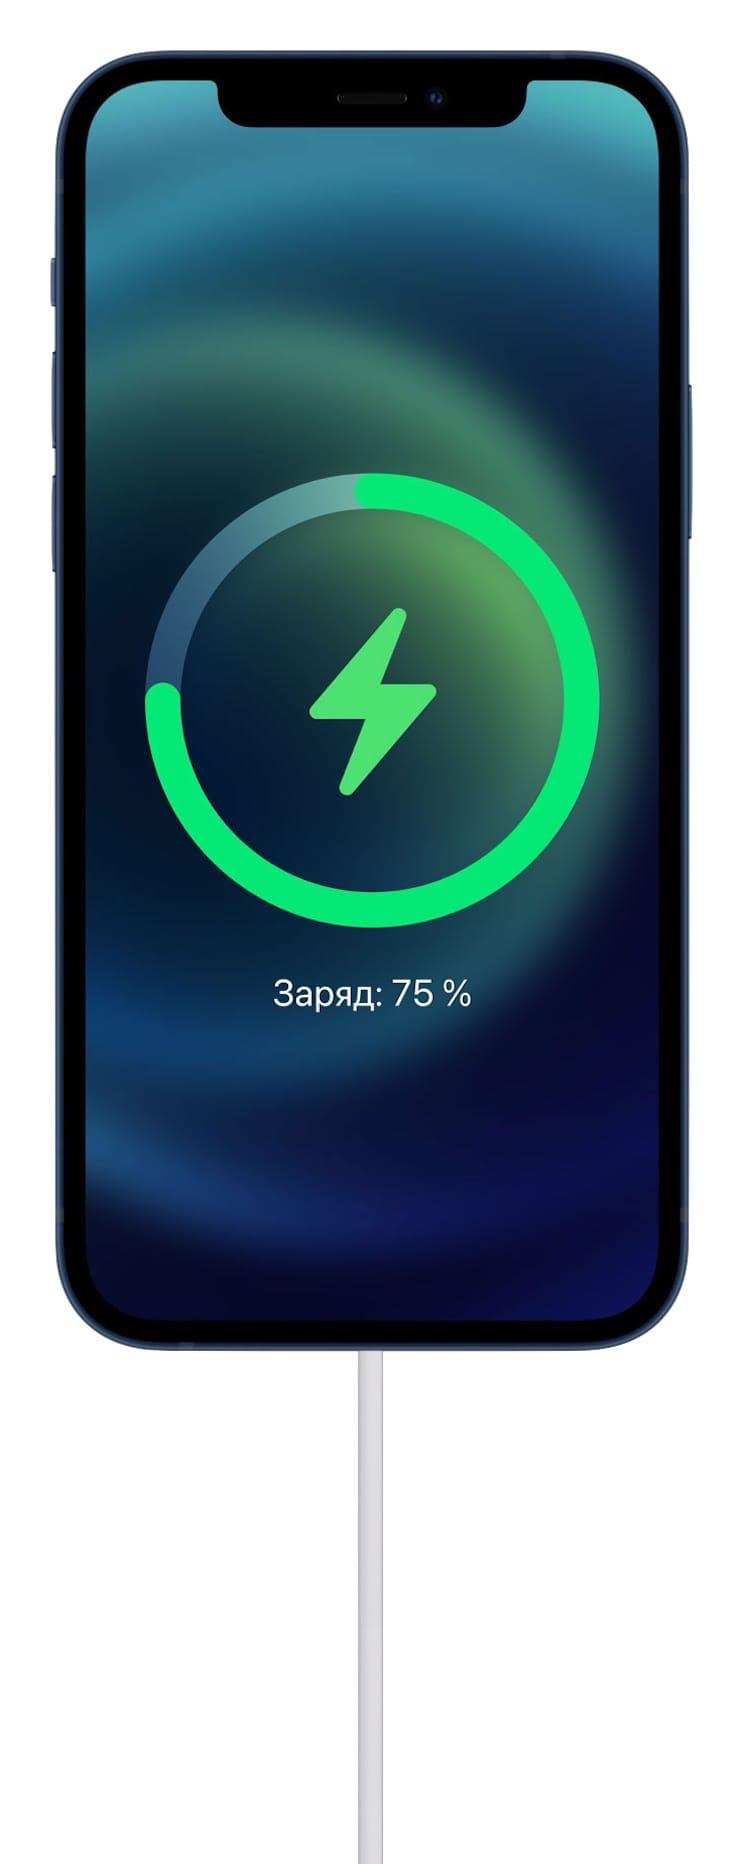 Магнитная беспроводная зарядка MagSafe в iPhone 12 и iPhone 12 mini